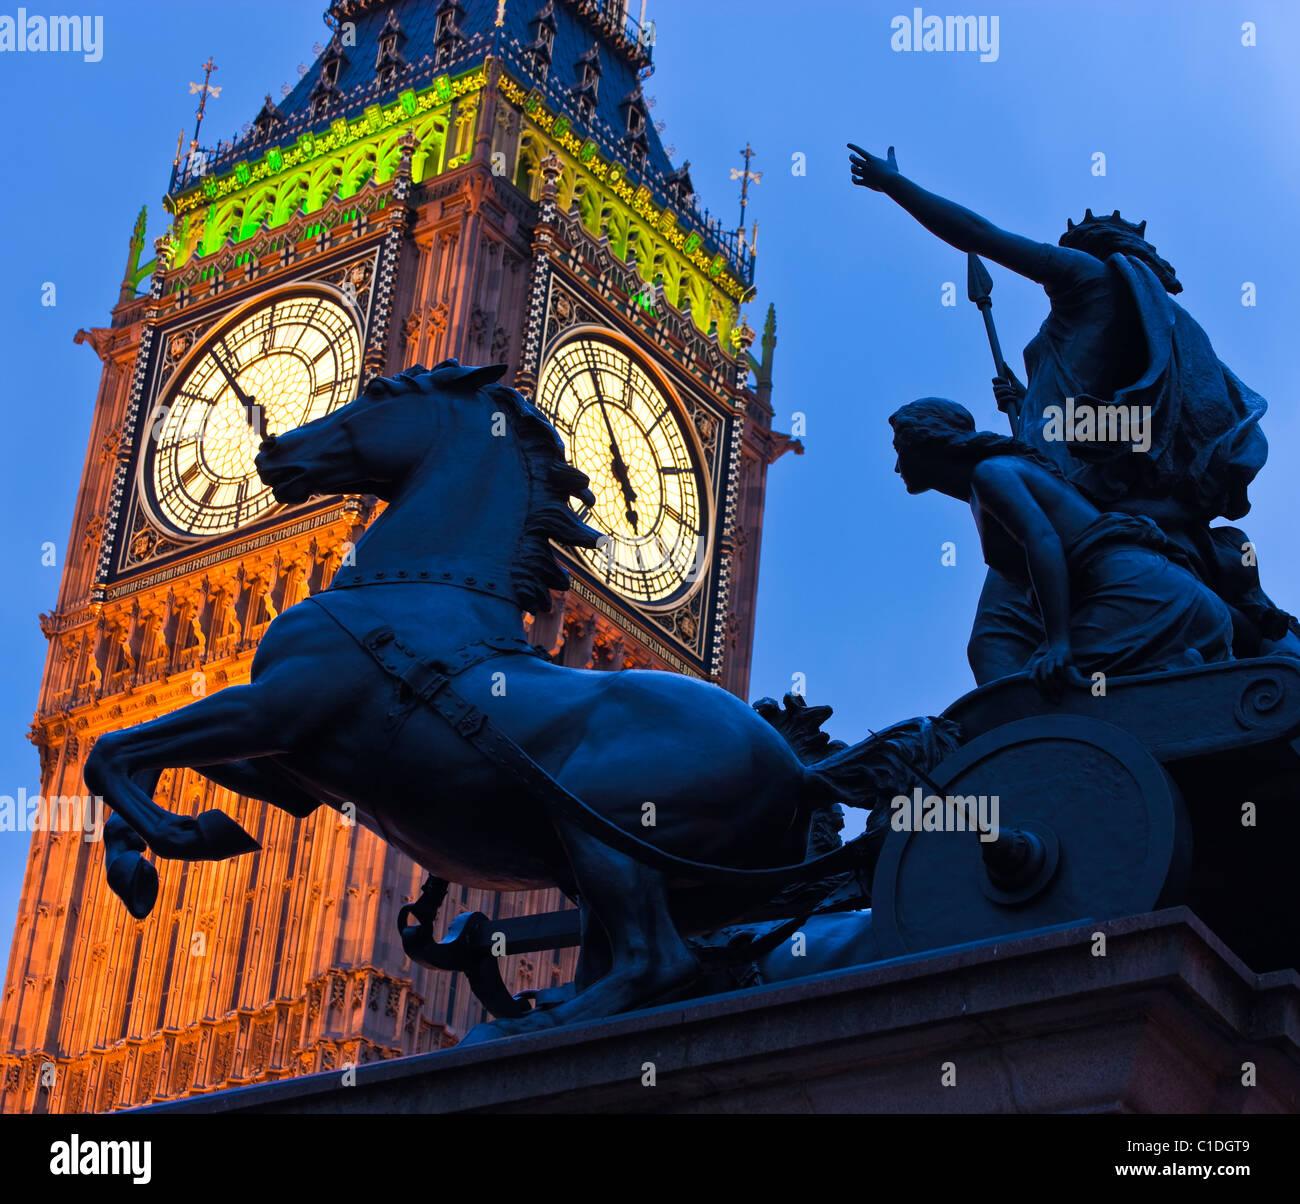 Big Ben e Boadicea's Chariot Westminster Londra Inghilterra REGNO UNITO nella luce della sera Immagini Stock